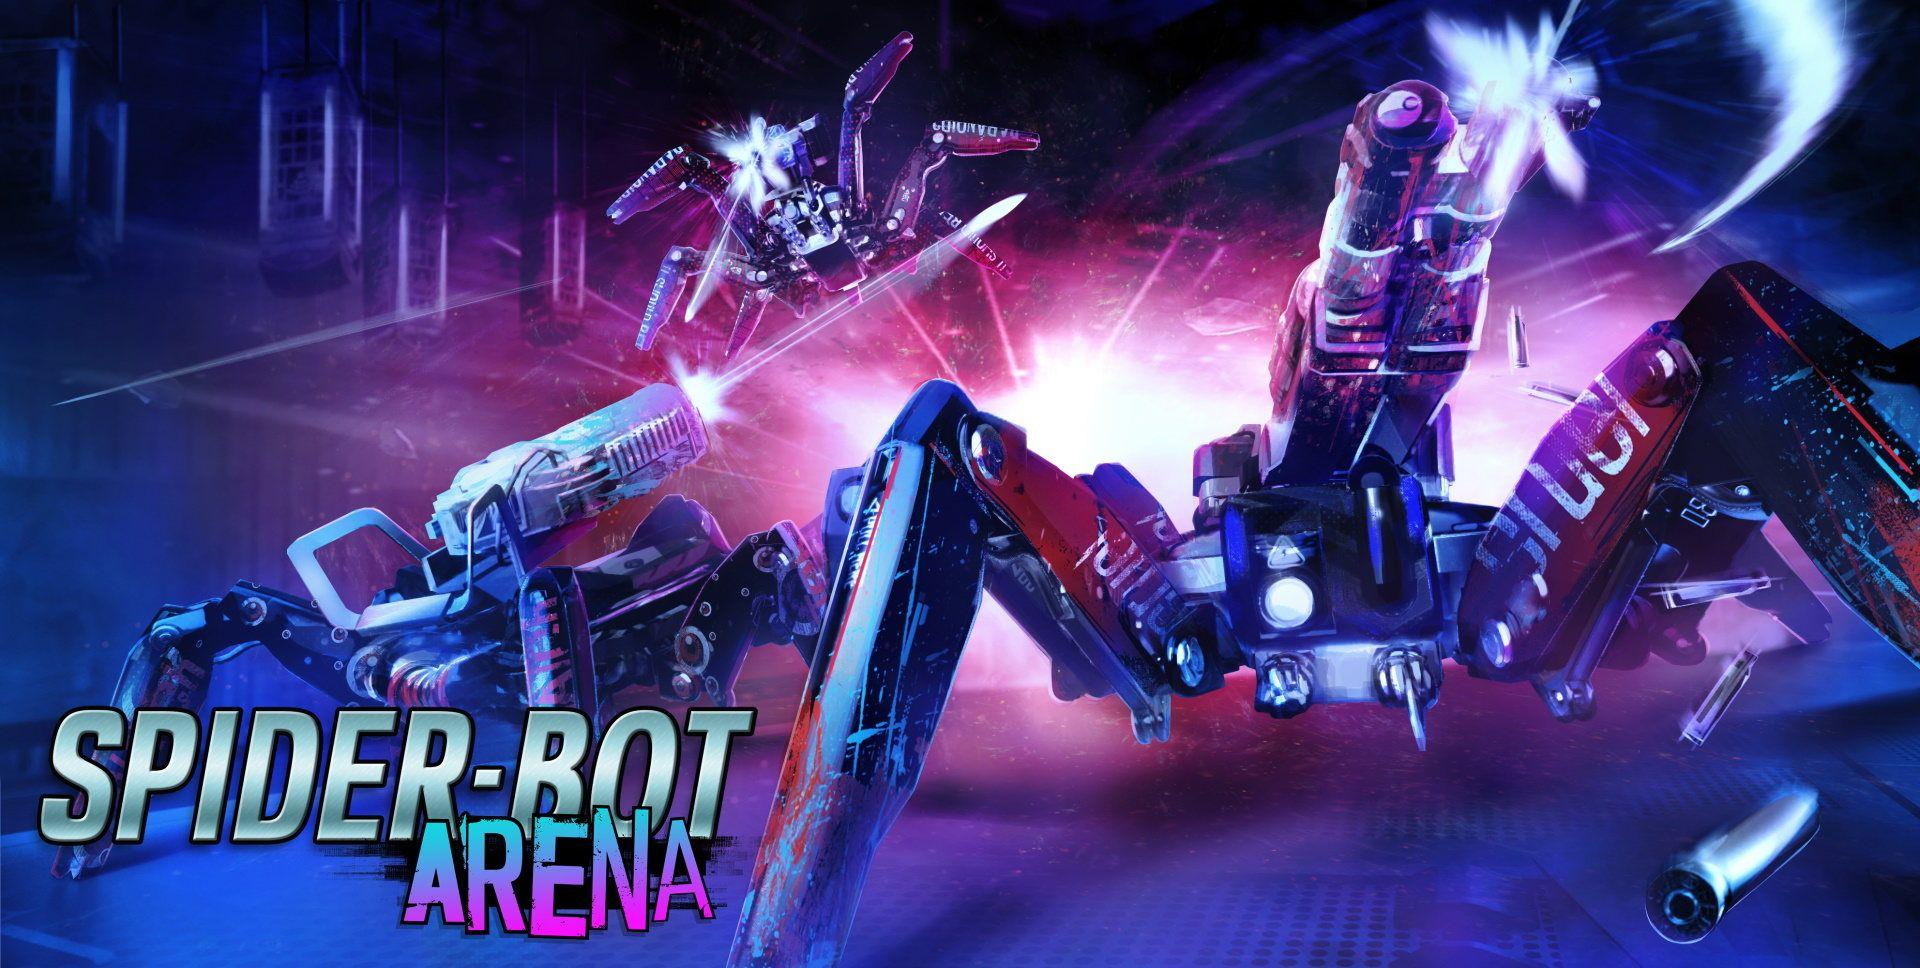 Spiderbot Arena Watch Dogs Legion Online